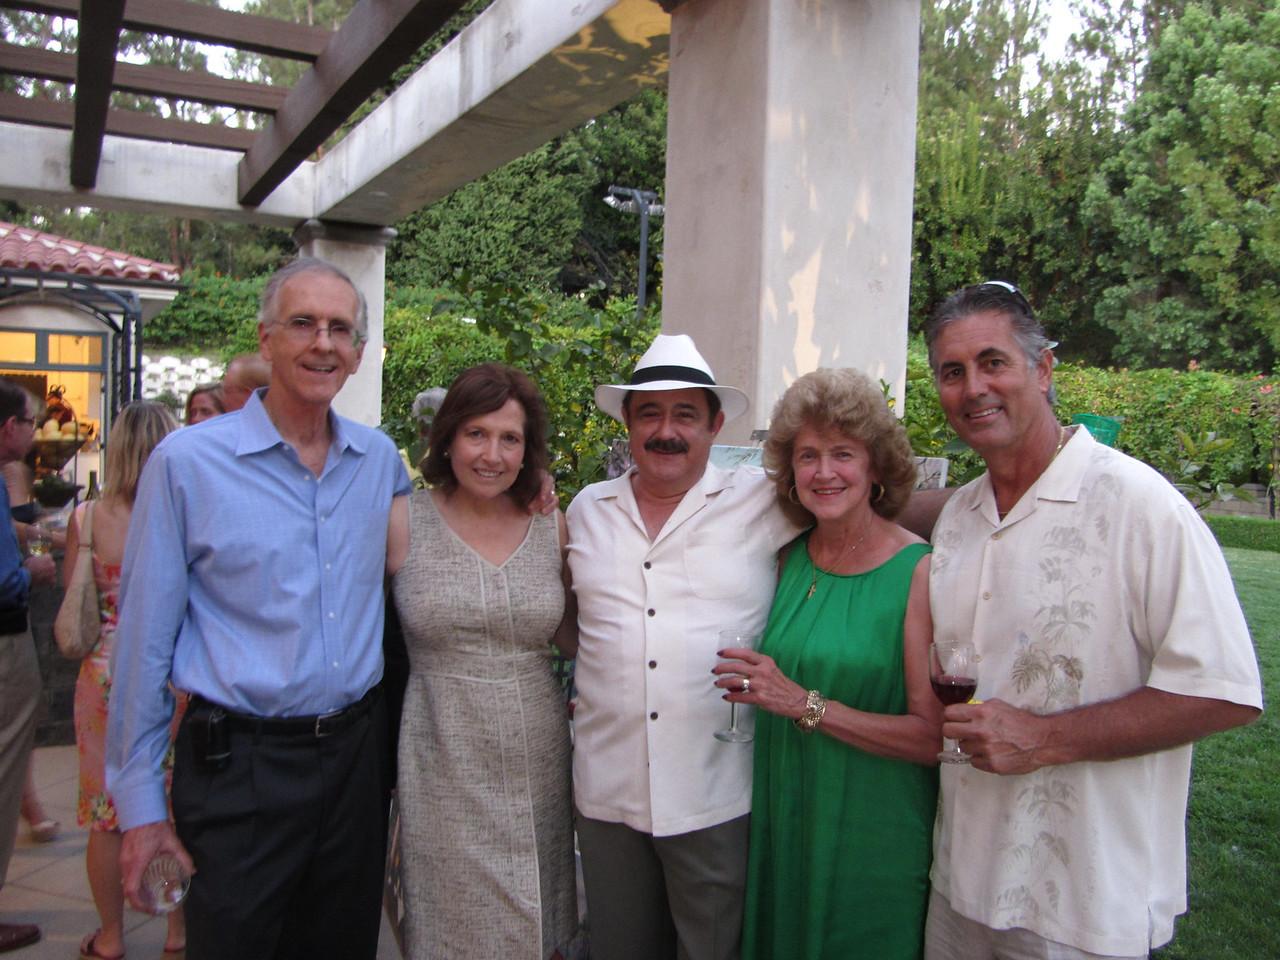 Mike & Cyli Lappin, John & Cheri Maggiano, Vince Ferragamo